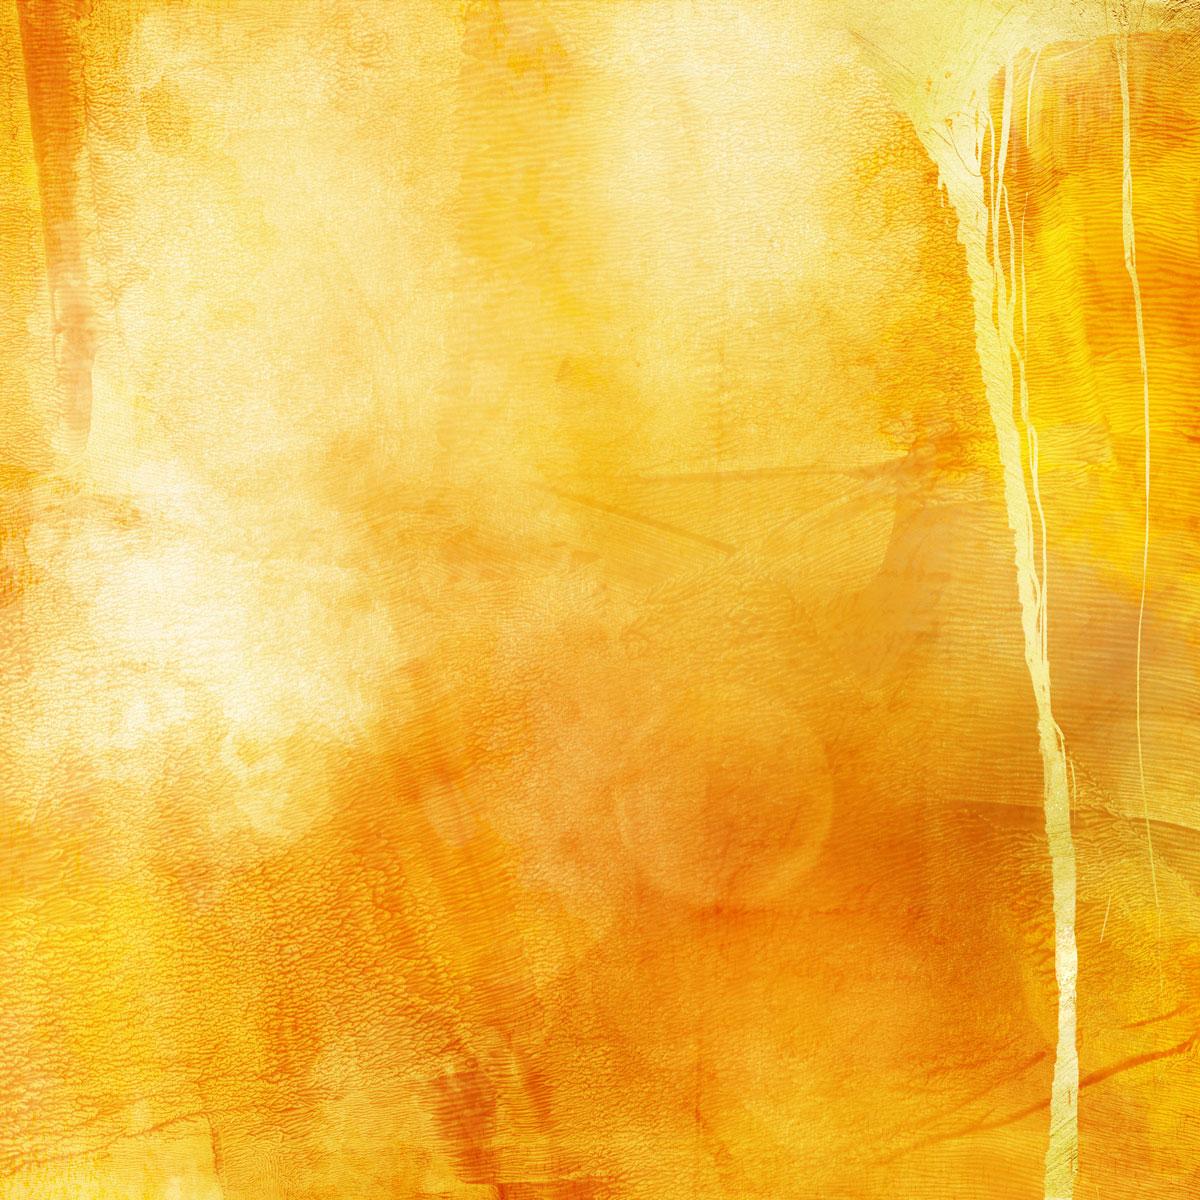 12张高清水彩金色质感艺术海报设计纸张背景纹理图片素材 Watercolor Texture Papers插图(9)